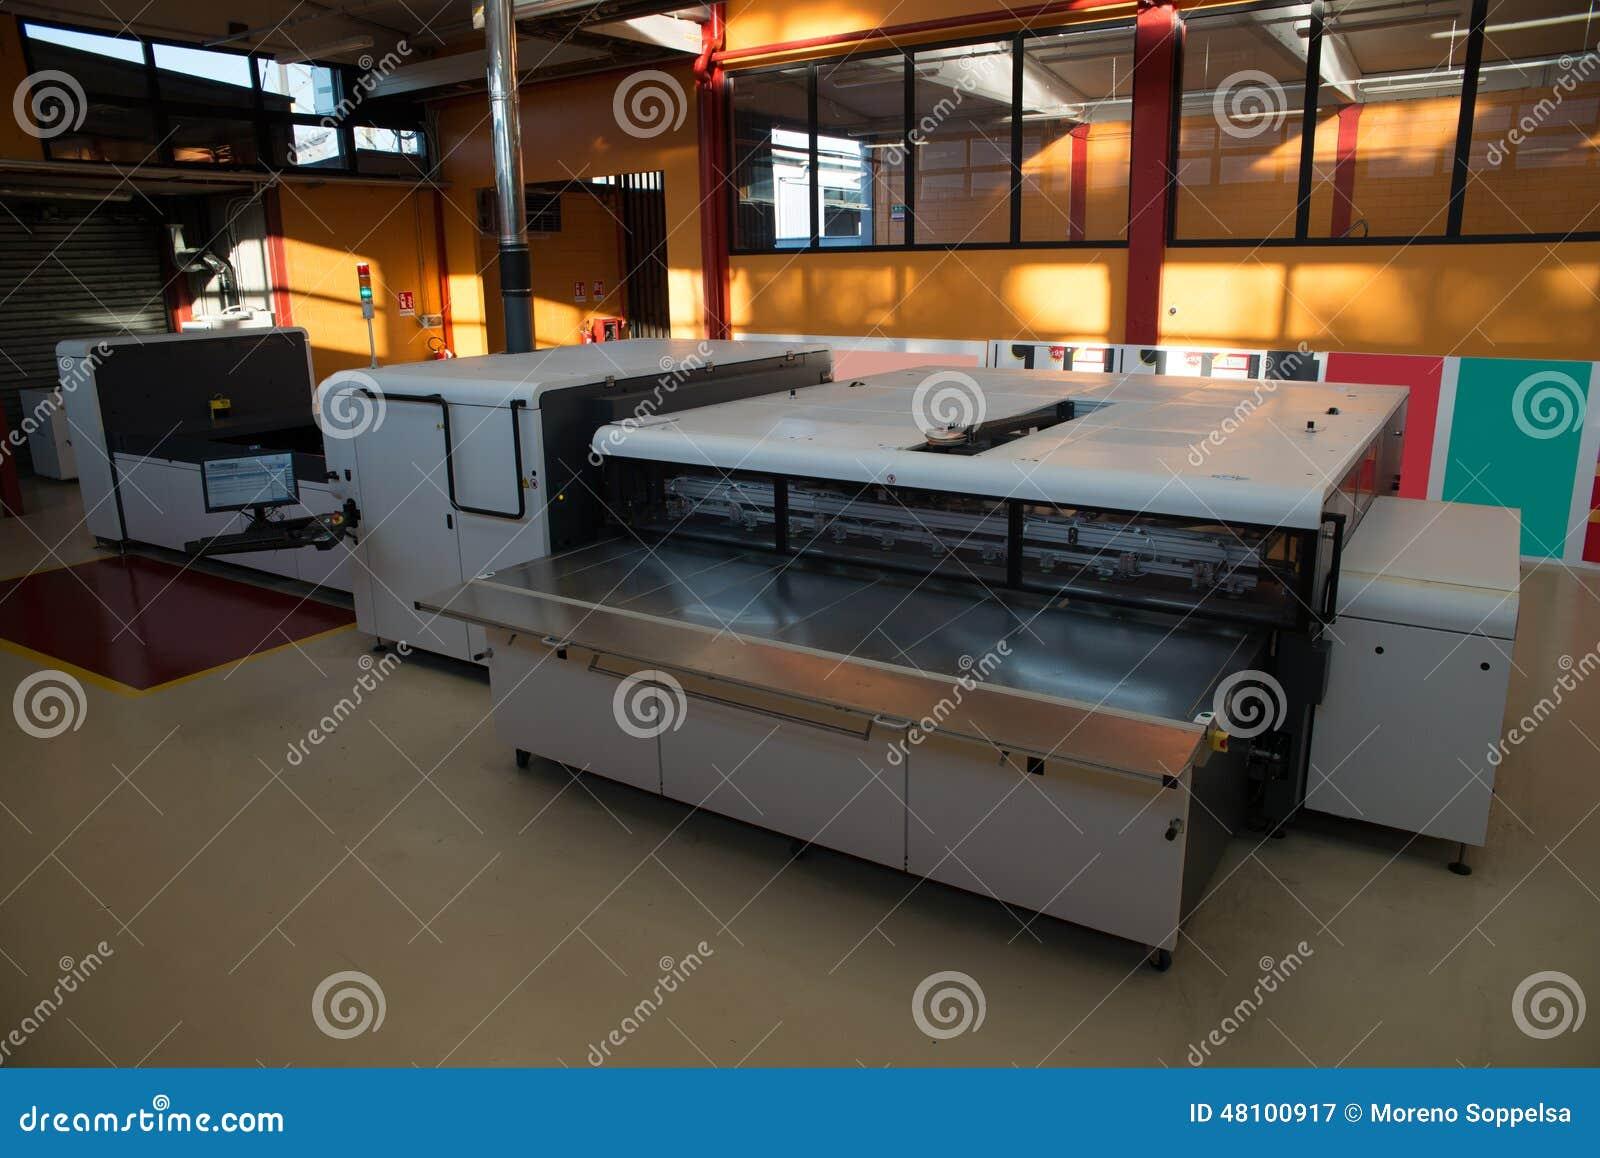 ψηφιακή εκτύπωση εκτυπωτώ